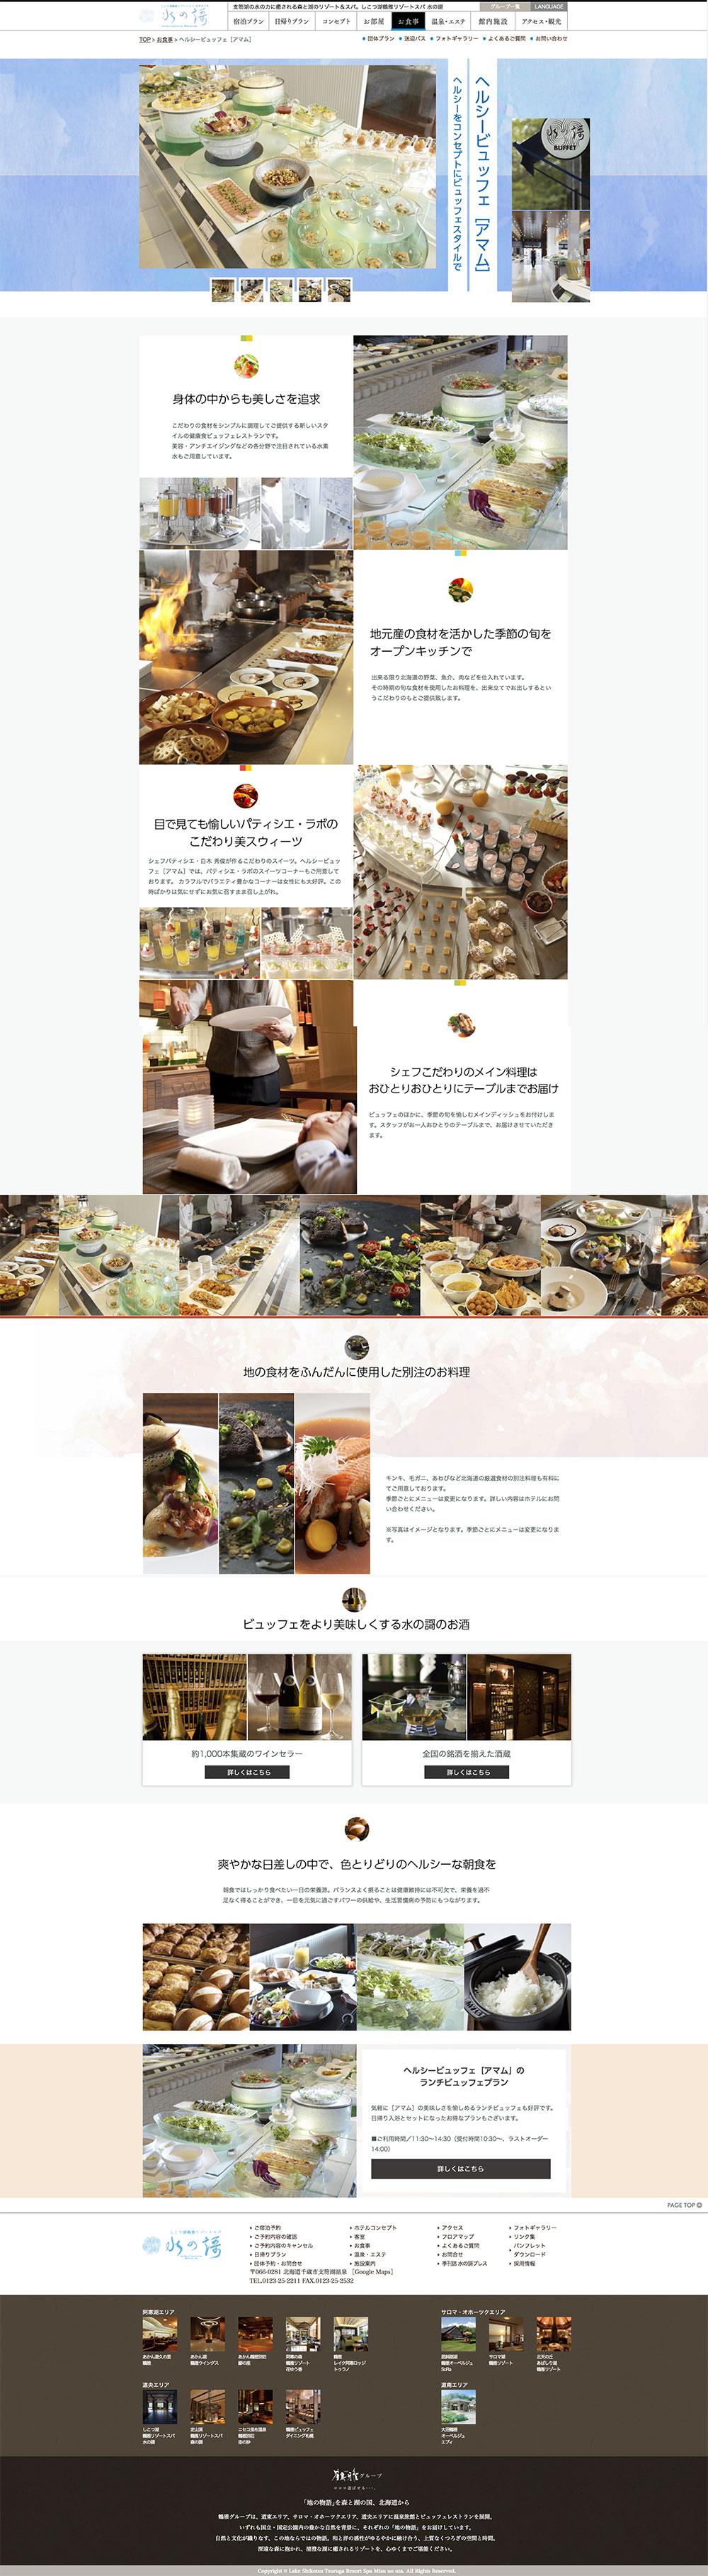 温泉旅館ビュッフェページ制作事例